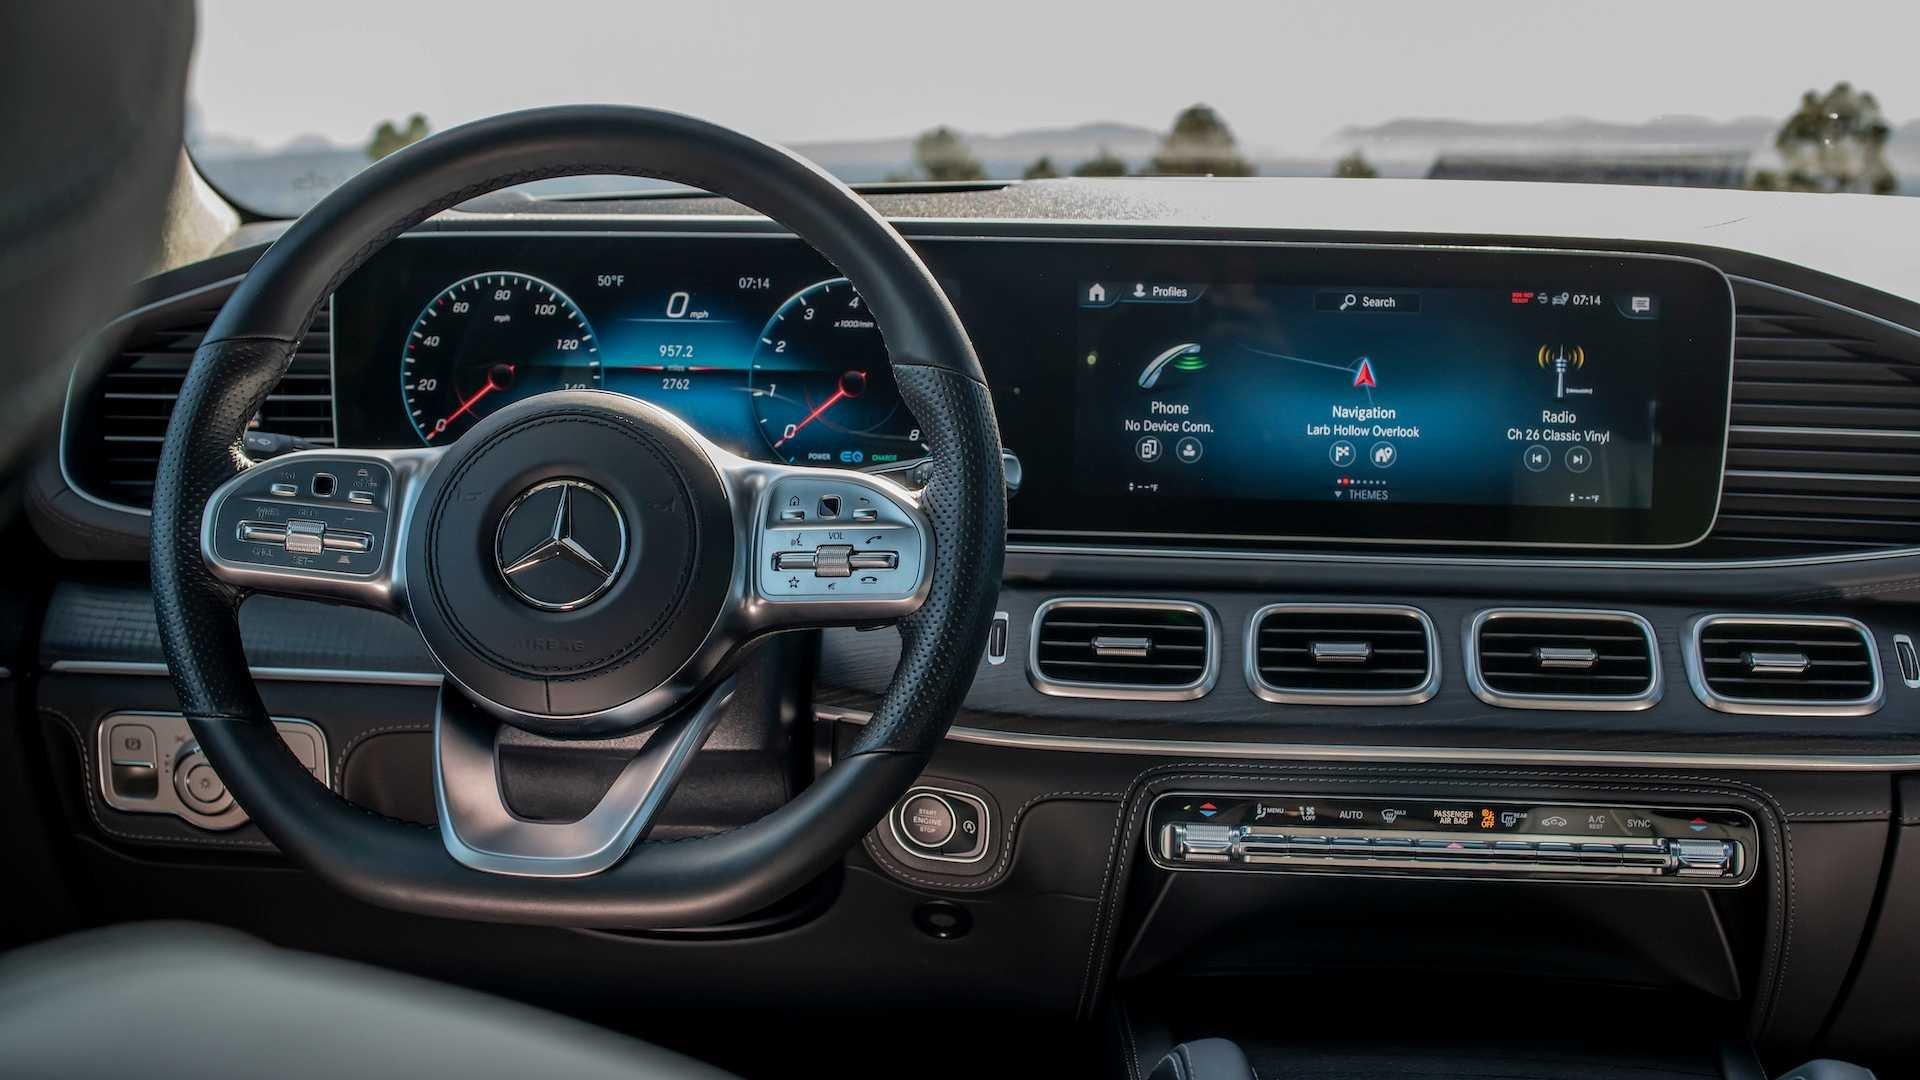 Đánh giá xe Mercedes-Benz GLS-Class 2020 về bảng táp-lô